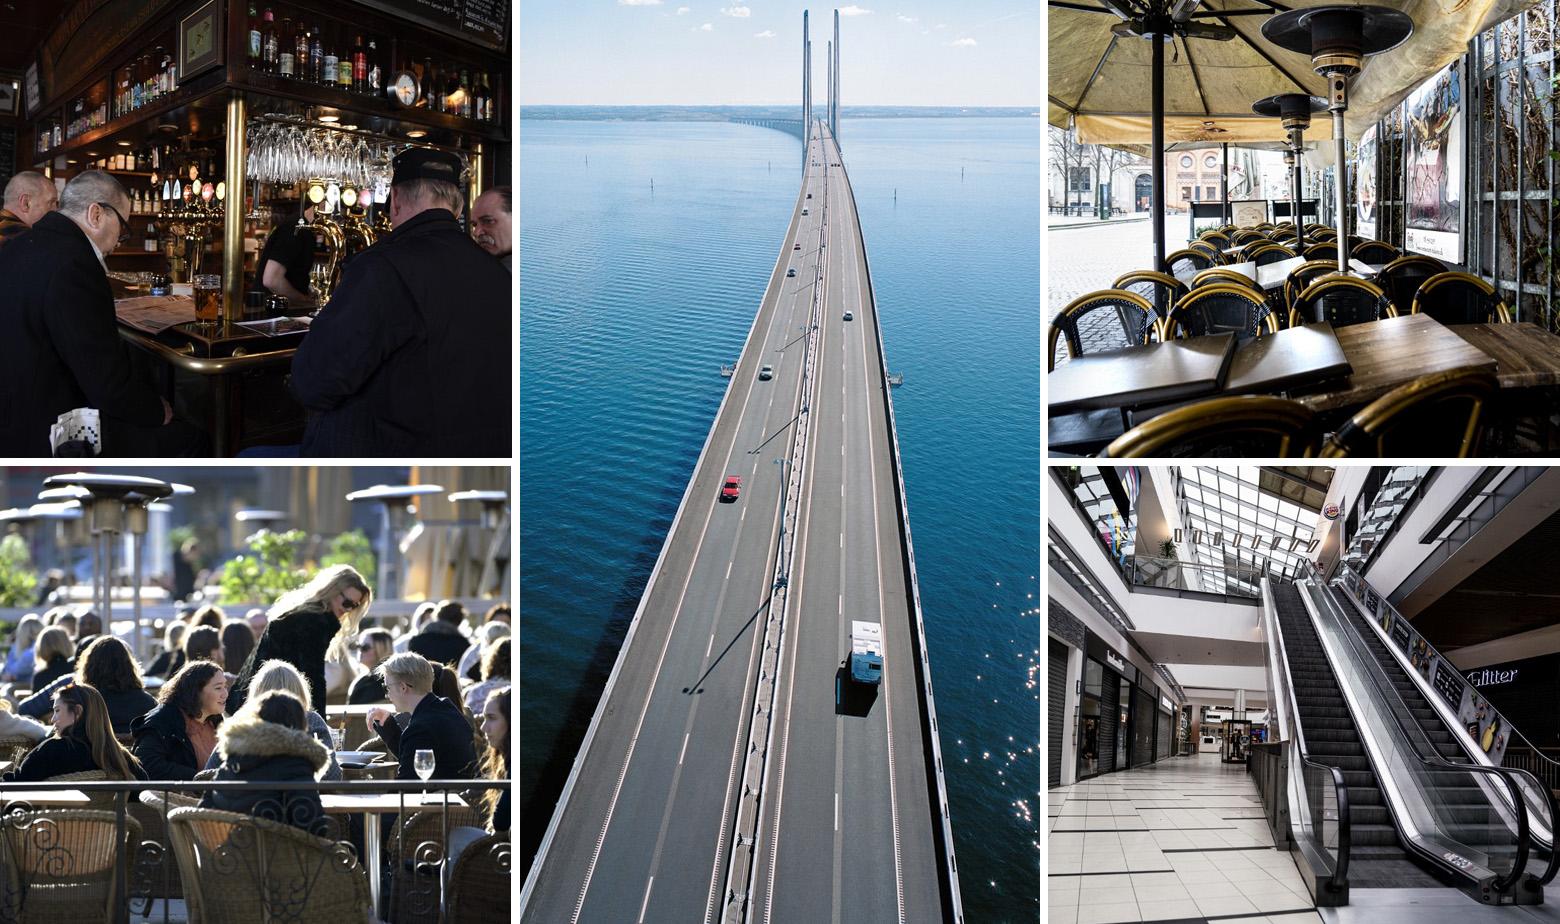 Lijevo prizori iz Švedske, u sredini Oresundski most, desno prizori iz Danske